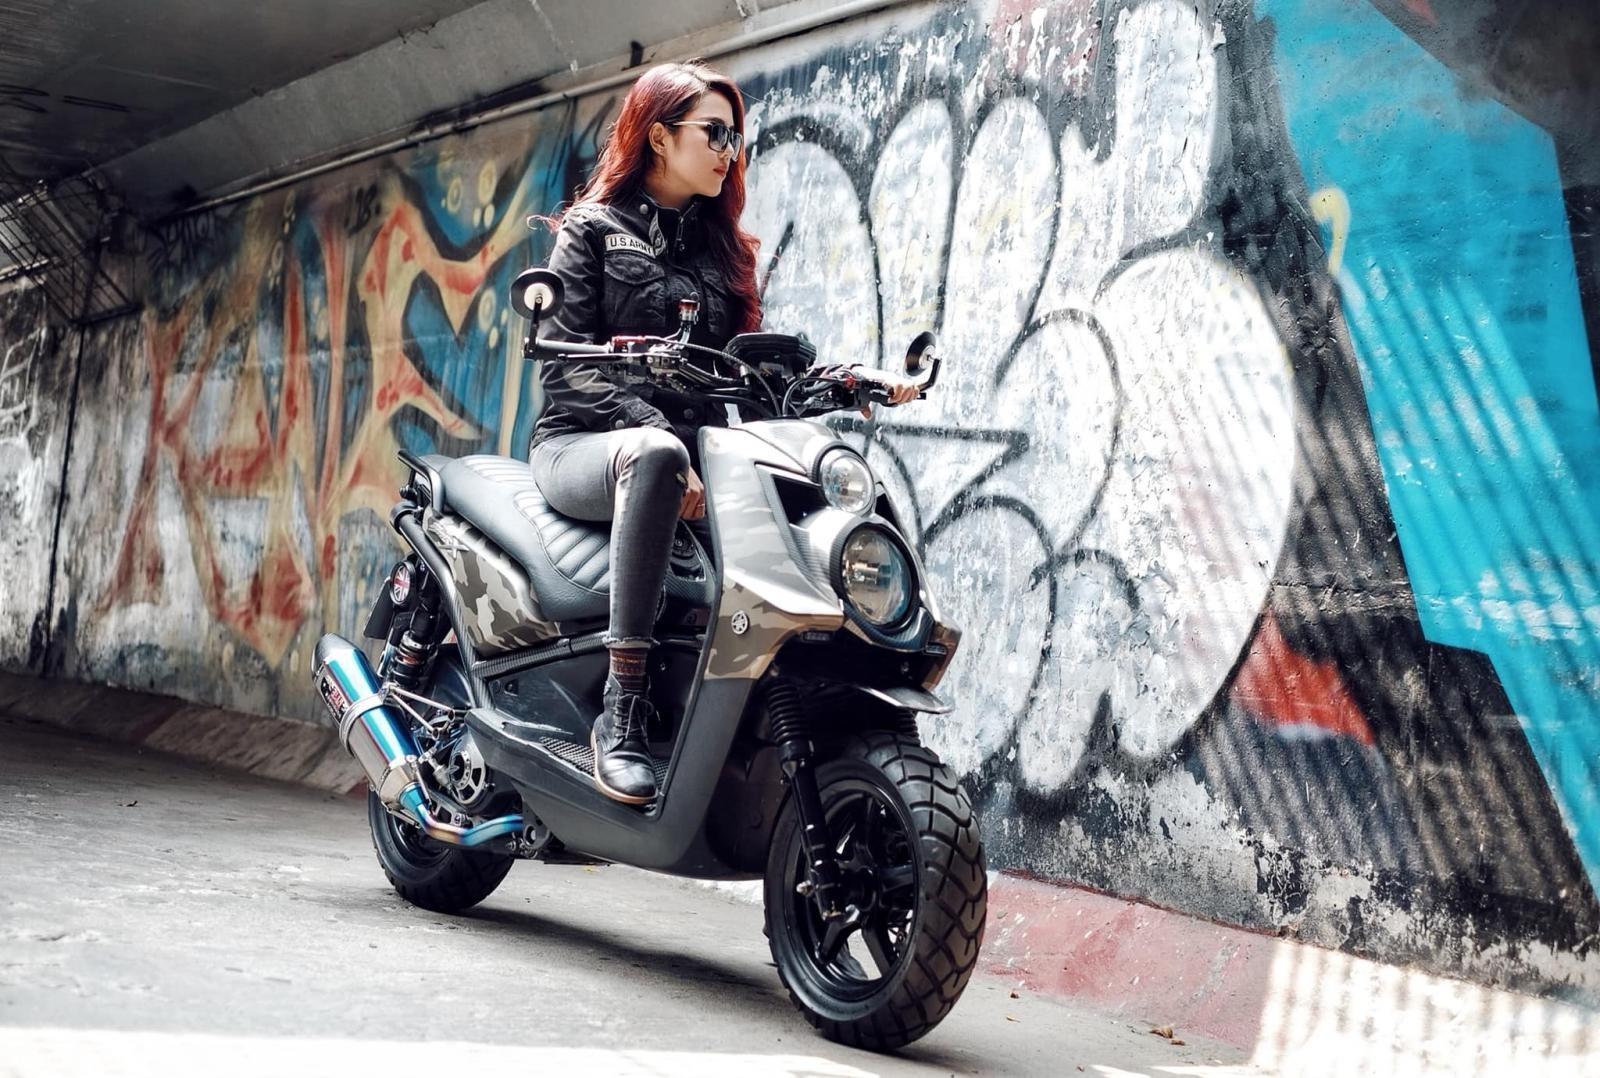 Cô nàng cá tính và Yamaha BW's độ lạ: Bộ đôi hoàn hảo - 3